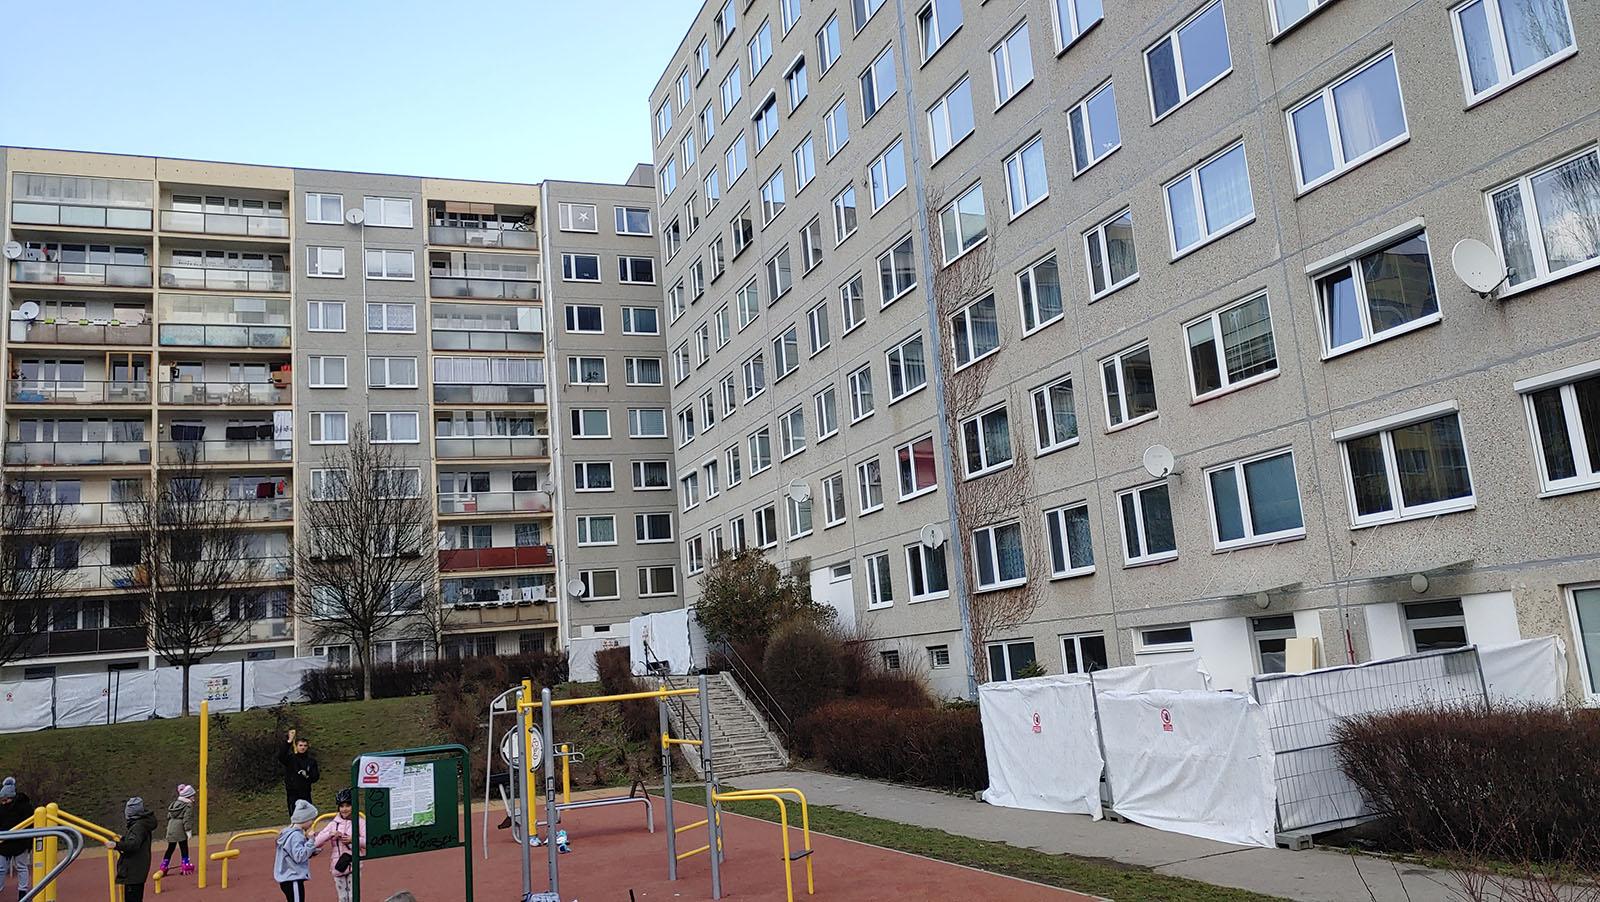 Janského/Přecechtělova 2234-2240, oprava schodišť a ramp bytového domu